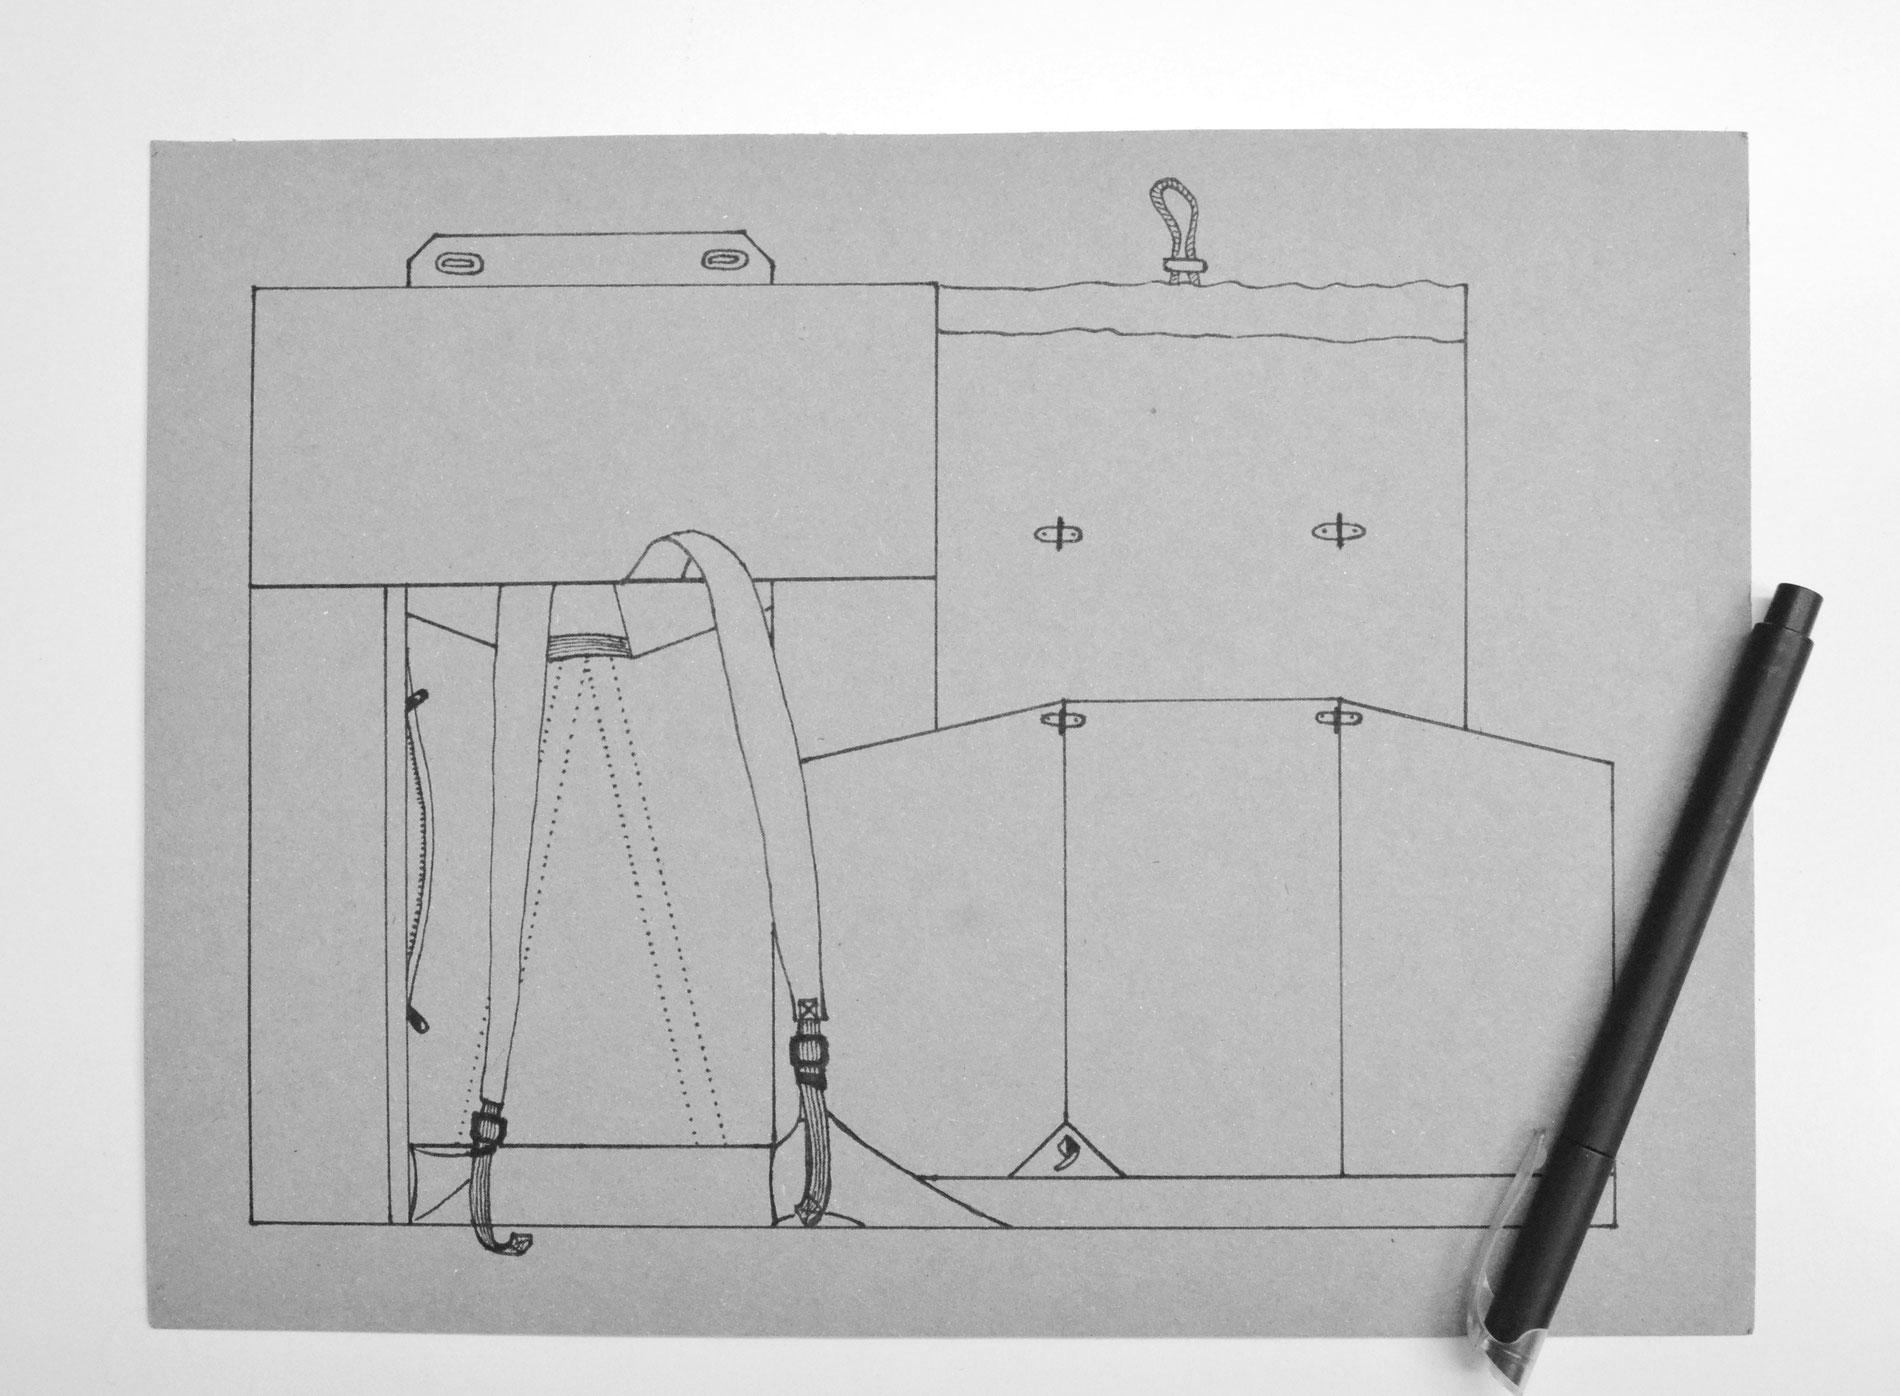 Kontruktionszeichnung des Rucksacks